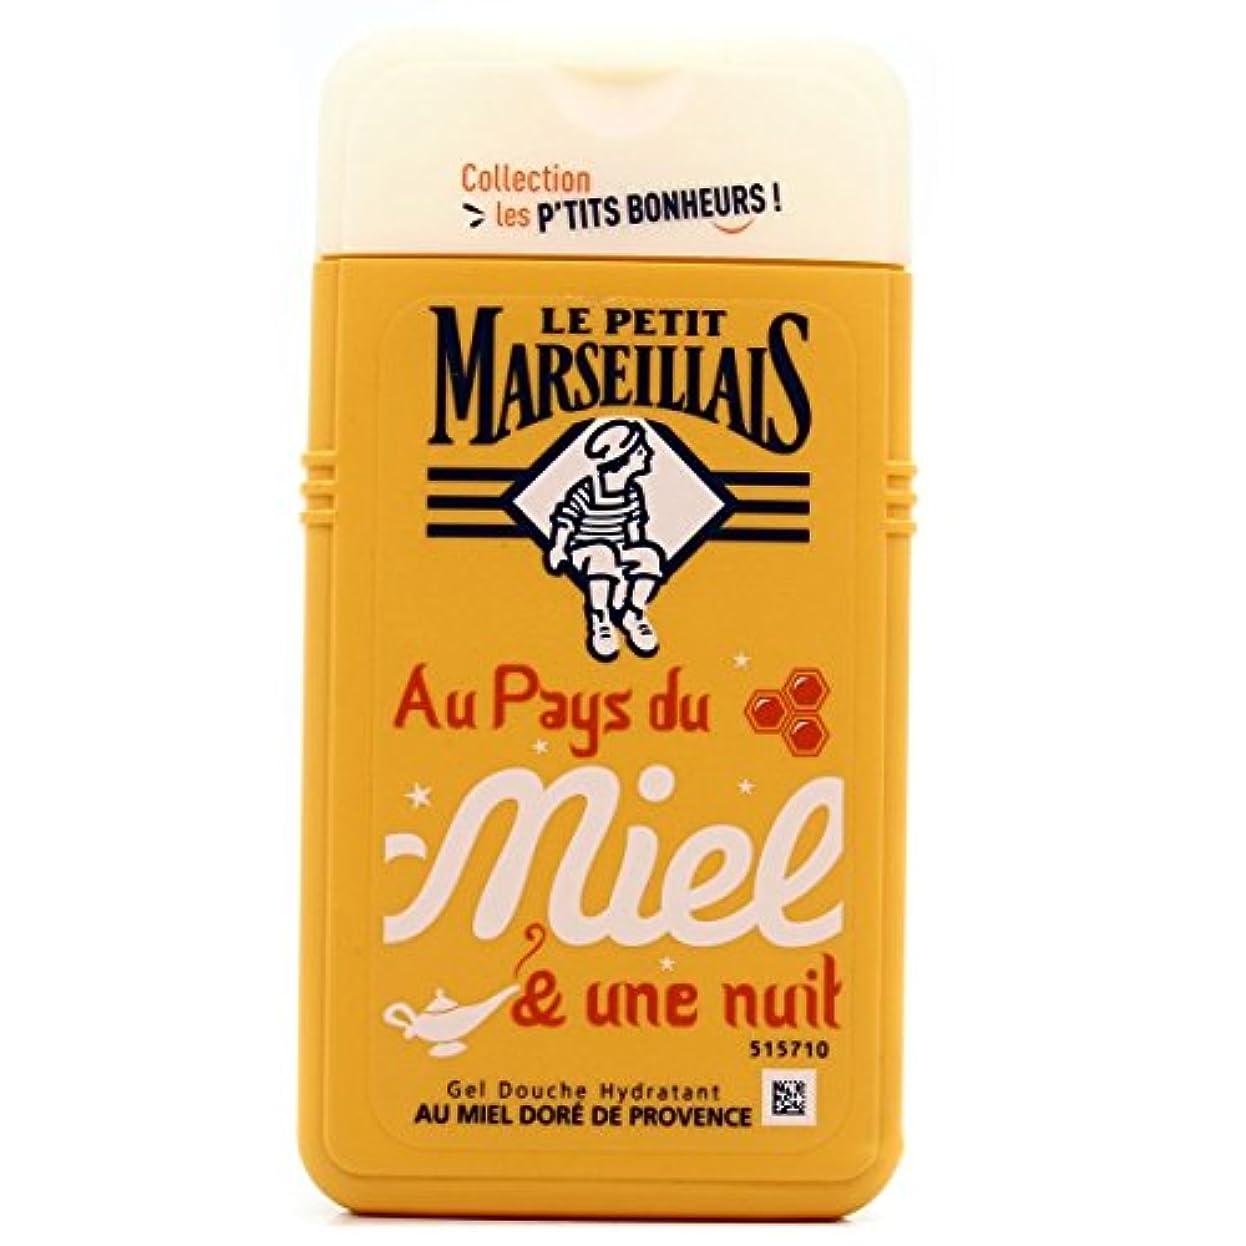 暗記する廃棄する保存するル?プティ?マルセイユ (Le Petit Marseillais)les P'TITS BONHEURS はちみつ シャワージェル ボディウォッシュ 250ml